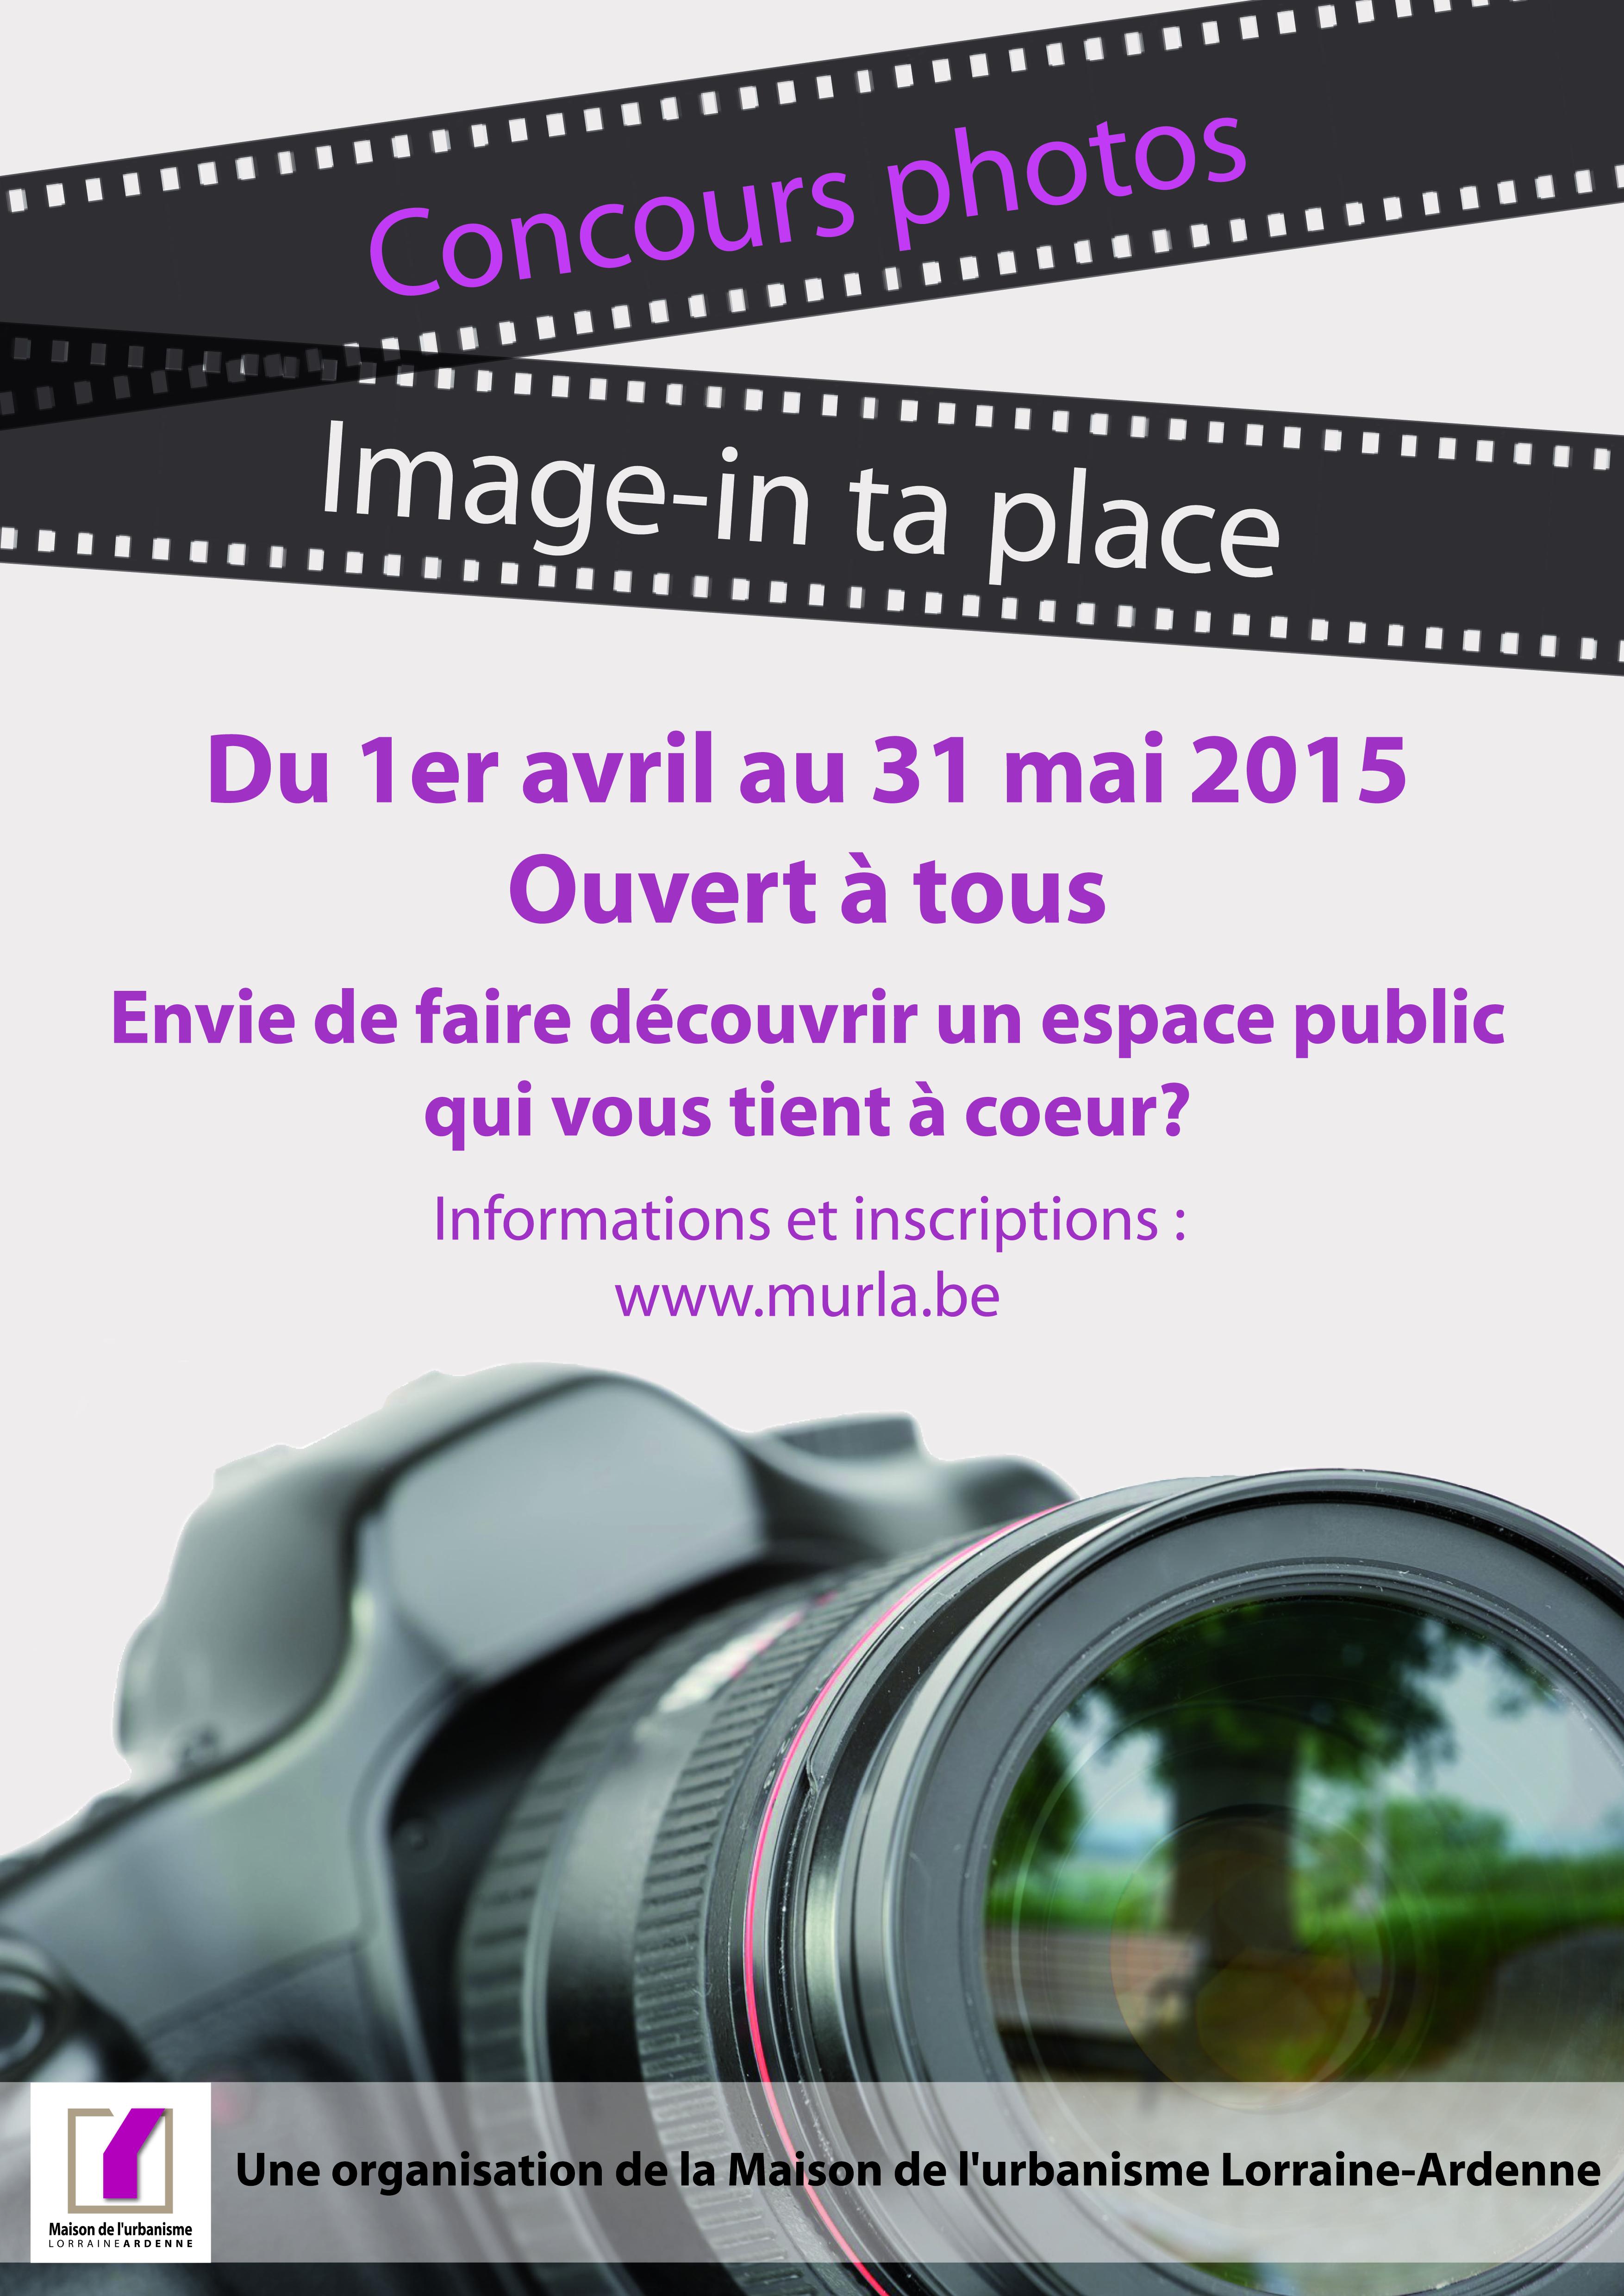 Maison de l'urbanisme Lorraine-Ardenne_Affiche concours photos.jpg